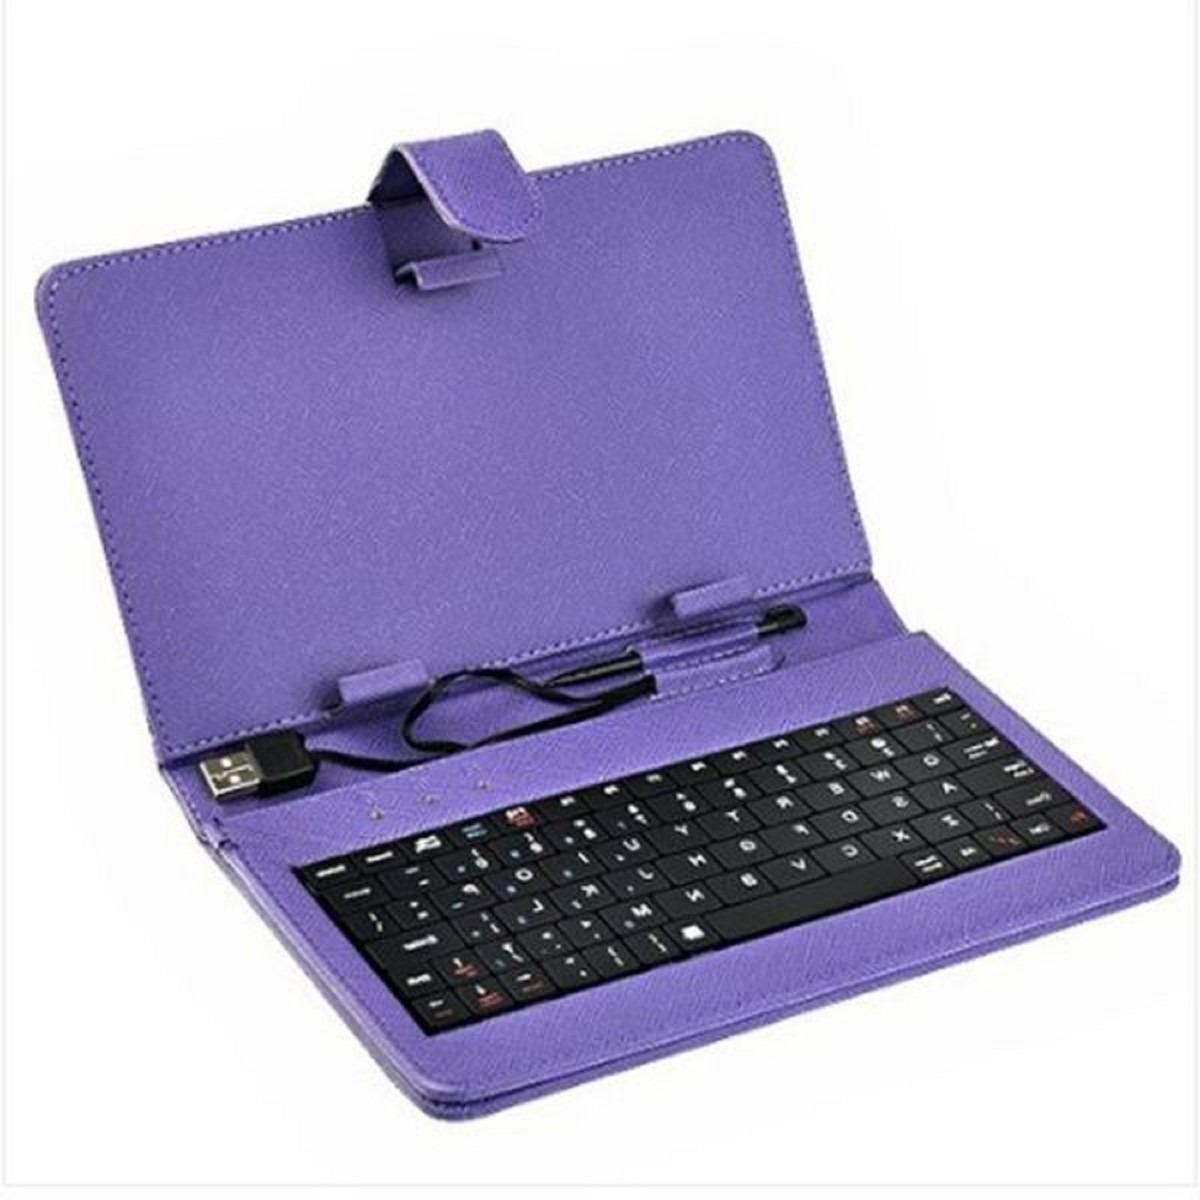 Funda con teclado usb para tablet 8 pulgadas stylus qwerty en mercadolibre - Fundas con teclado para tablet ...